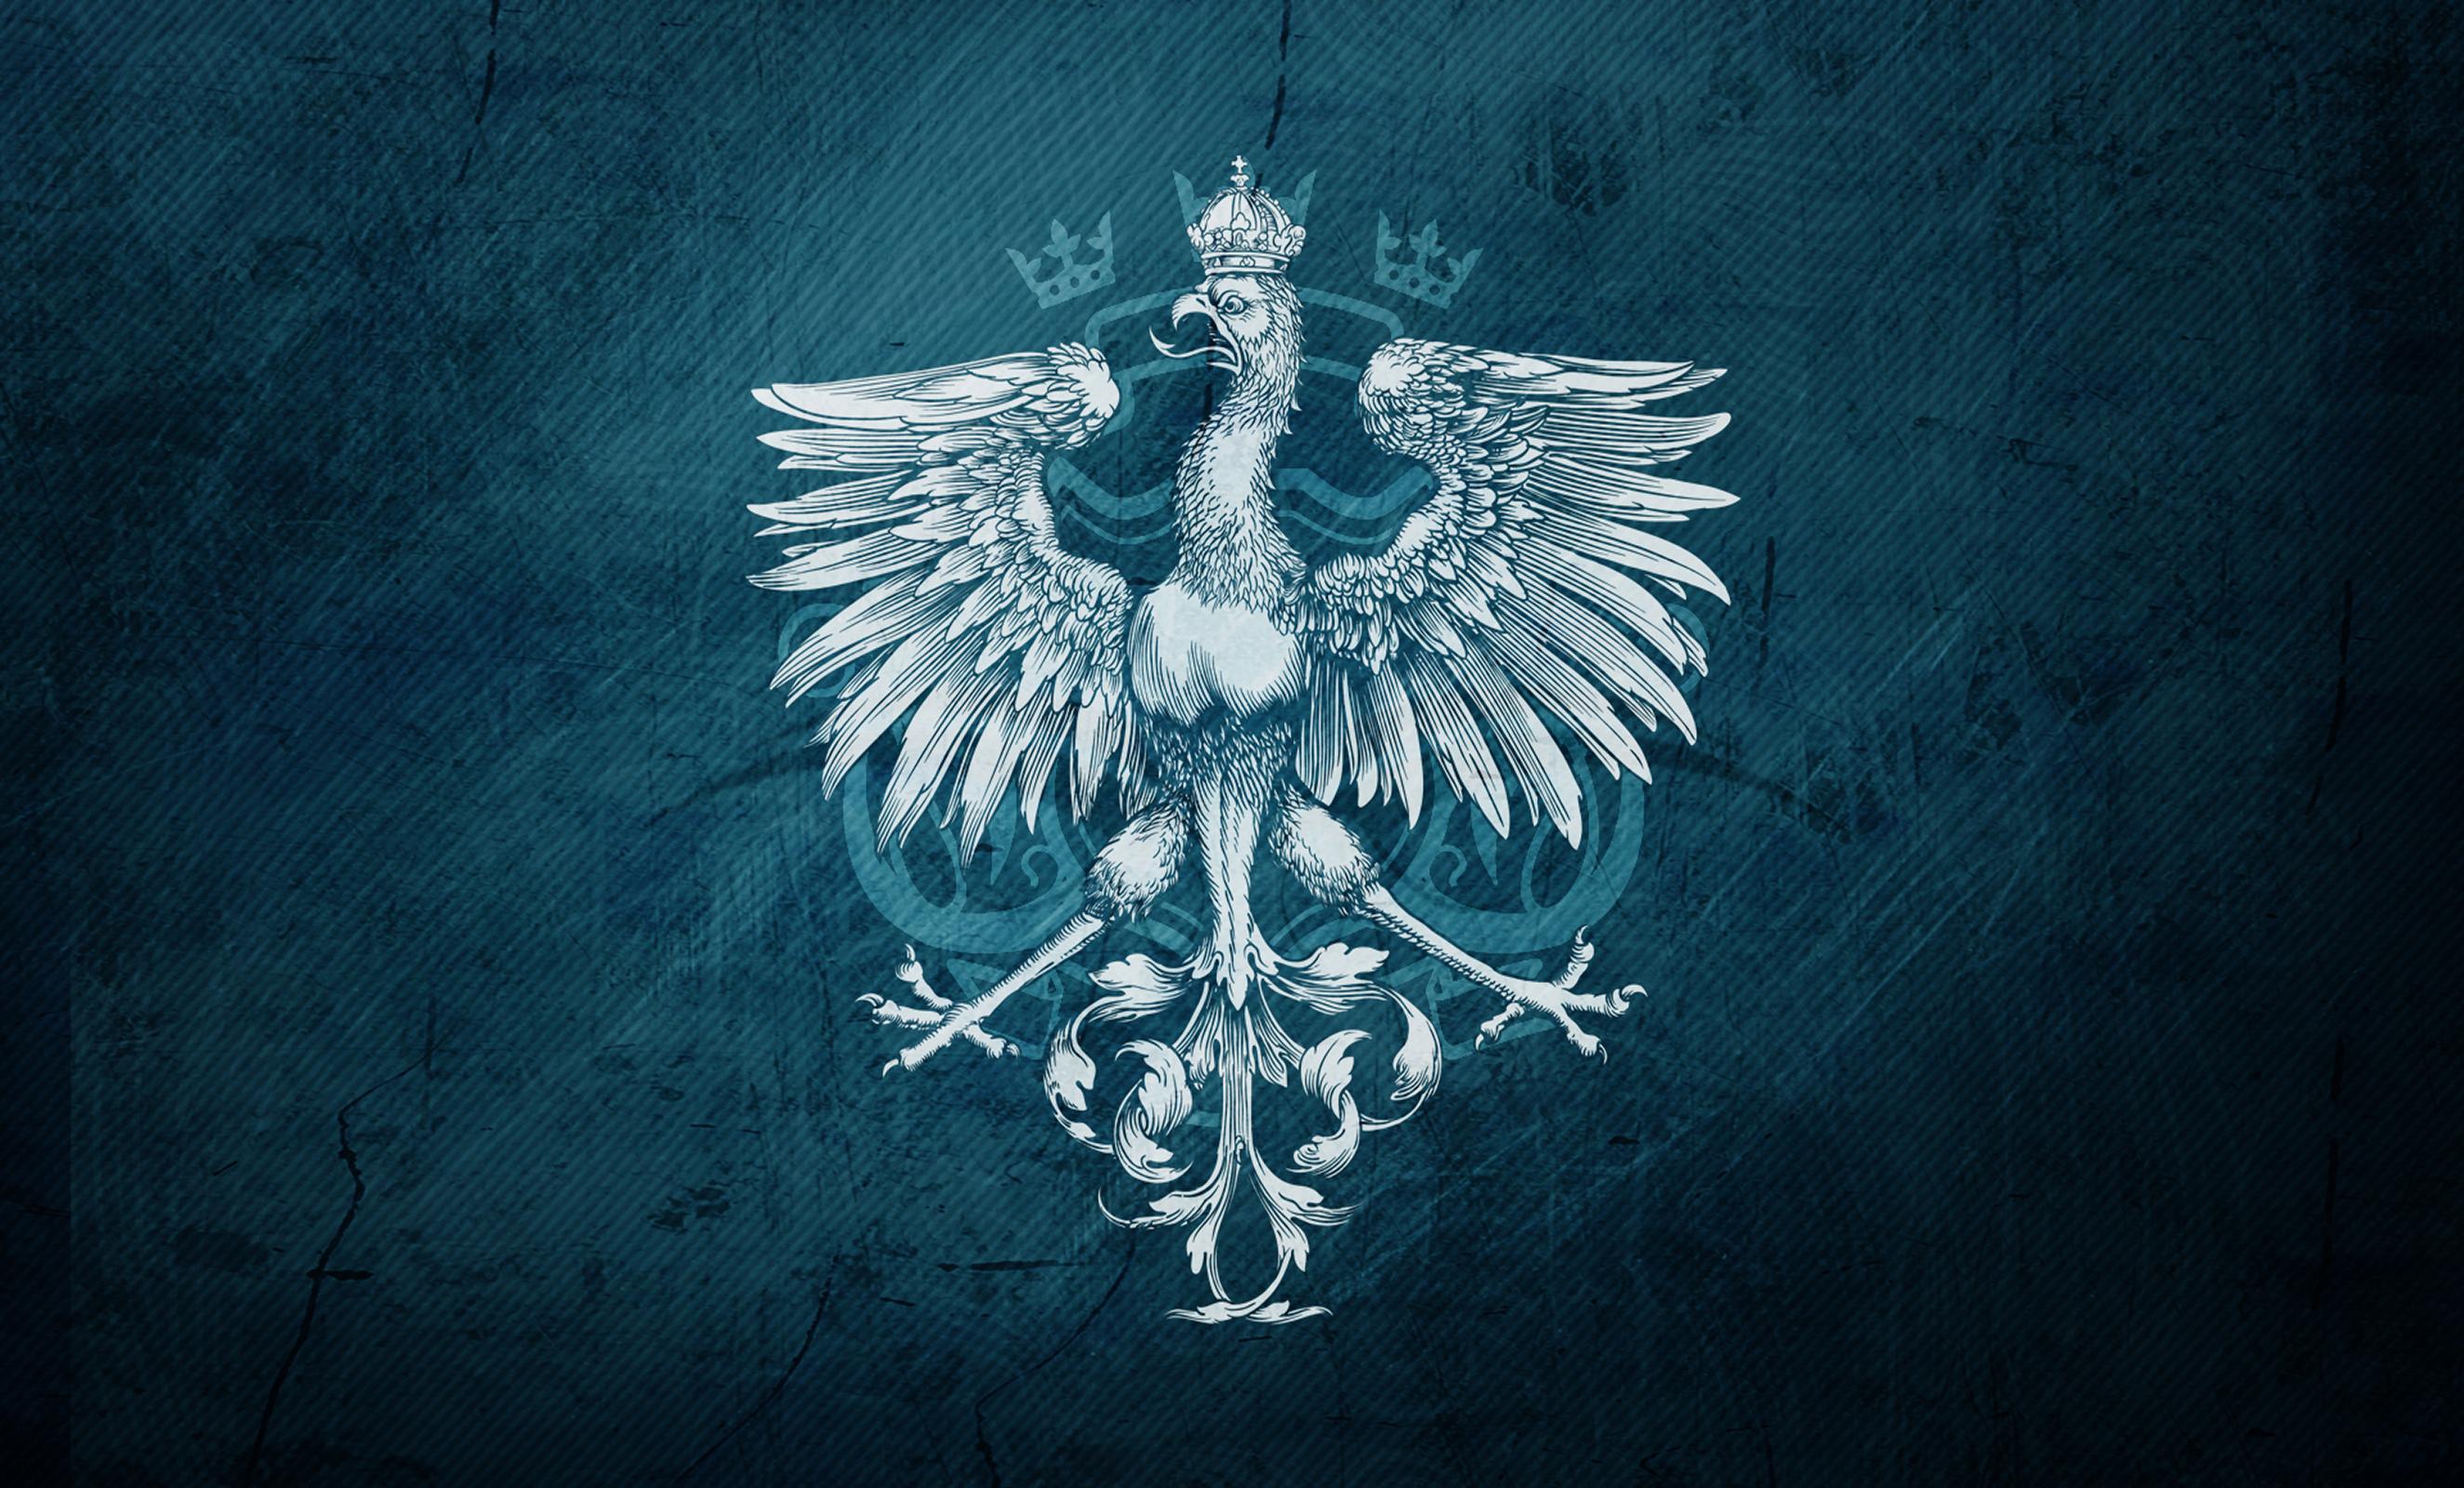 двуглавый орёл обои на рабочий стол